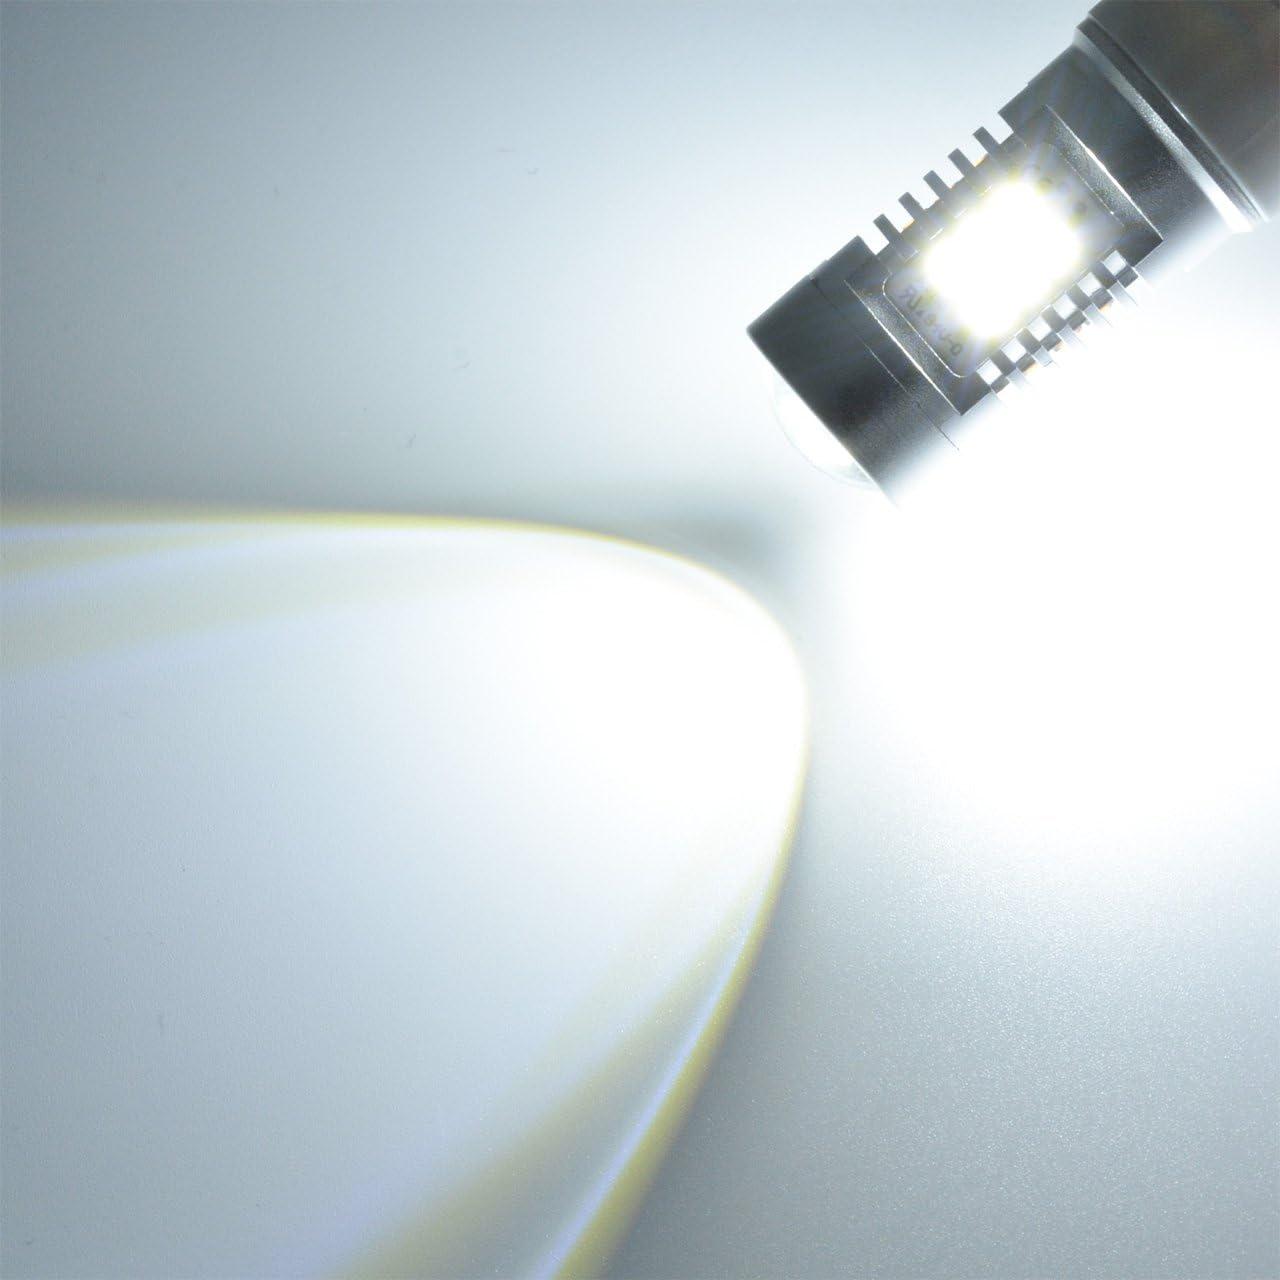 TUINCYN 1157 Bombillas LED Blanco Canbus Libre de Error BAY15D 1016 1034 3496 7528 1196 2835 21 SMD LED Auto Turn Siganls Luz Luz de Freno Copia de Seguridad Reverso L/ámpara de cola Pack de 2